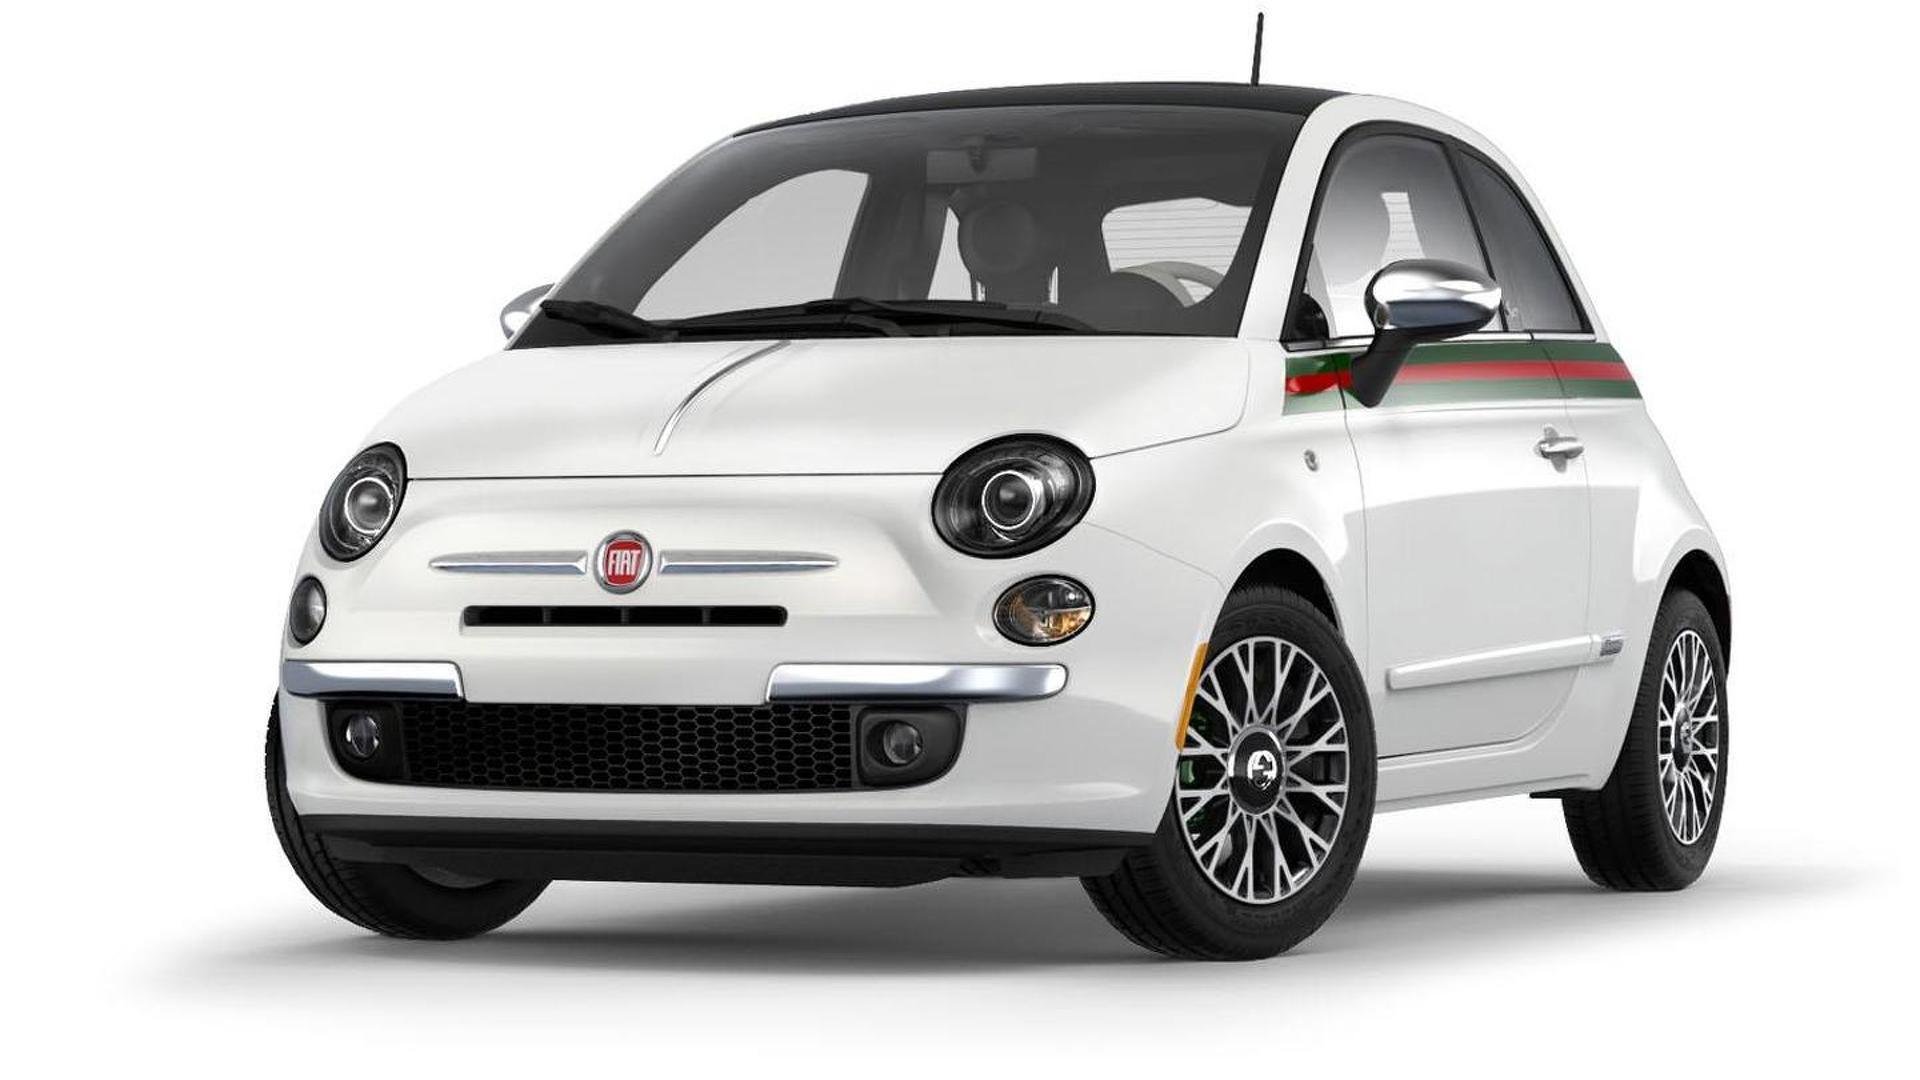 Gucci Fiat 500 >> 2013 Fiat 500 Gucci Edition Announced